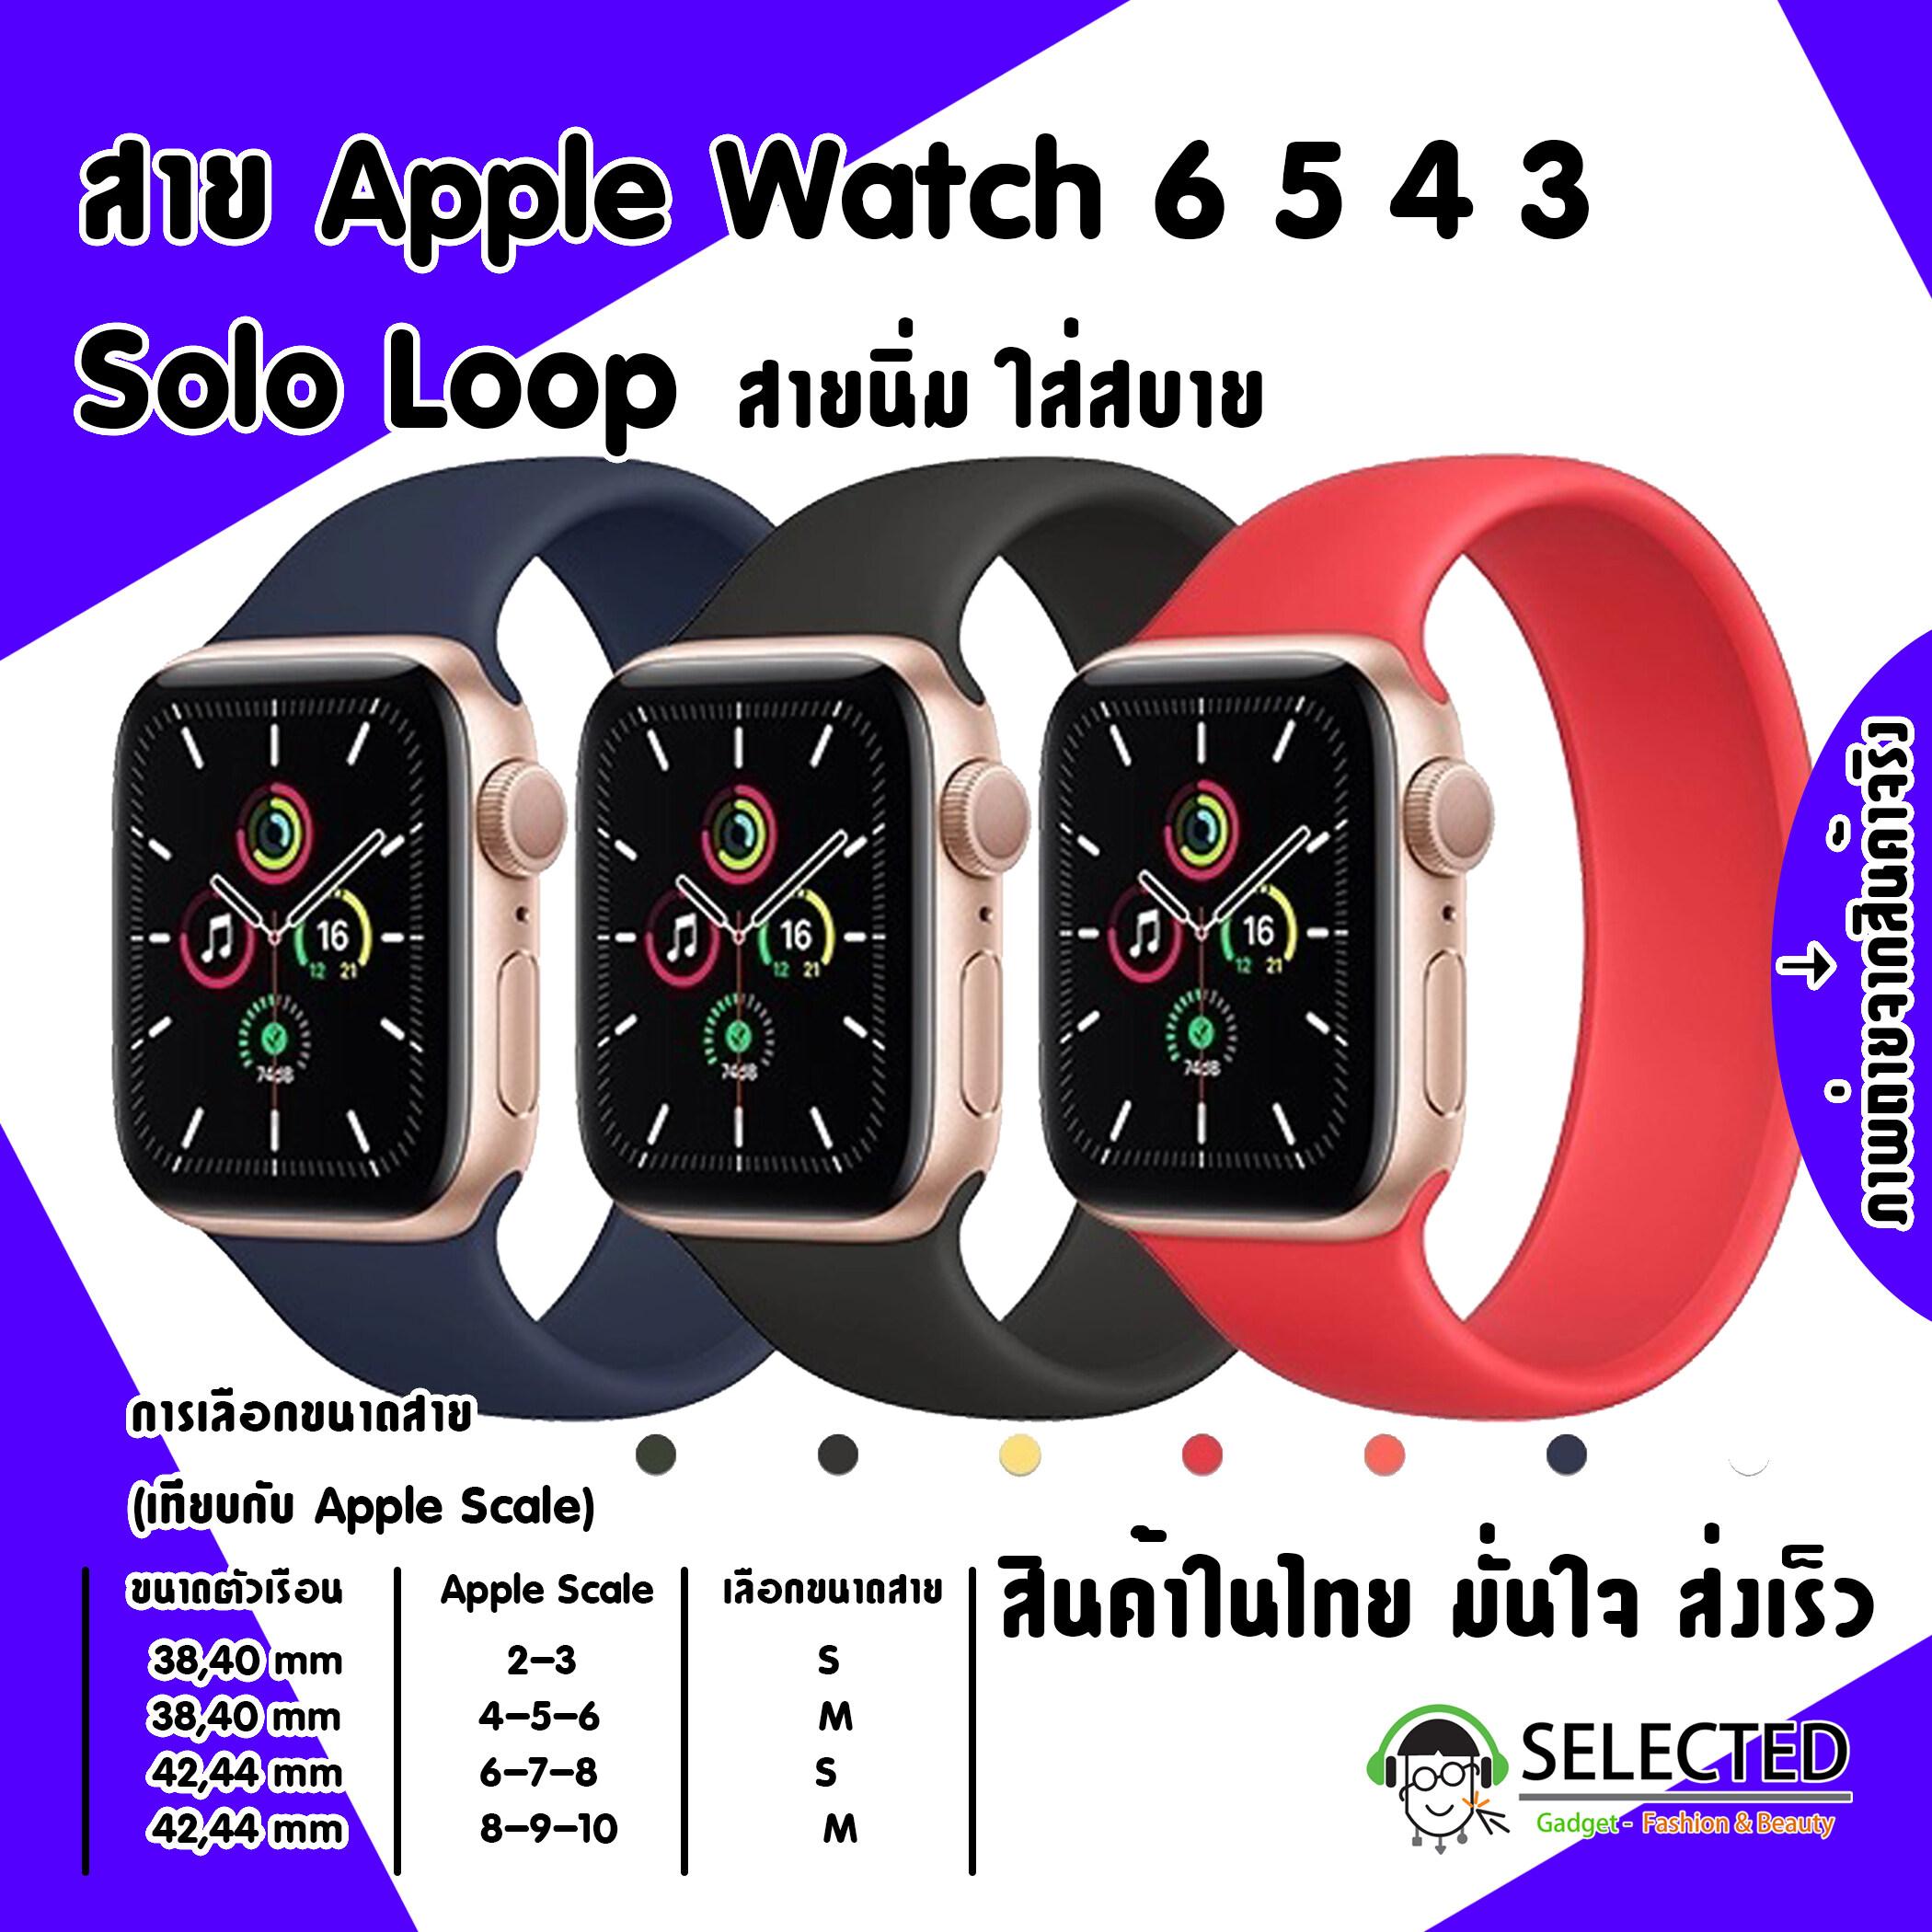 [ส่งเร็ว สต๊อกไทย] สาย Apple Watch Solo Loop สายซิลิโคน สำหรับ Applewatch Series 6 5 4 3 ตัวเรื่อน 44mm 40mm 42mm 38mm.